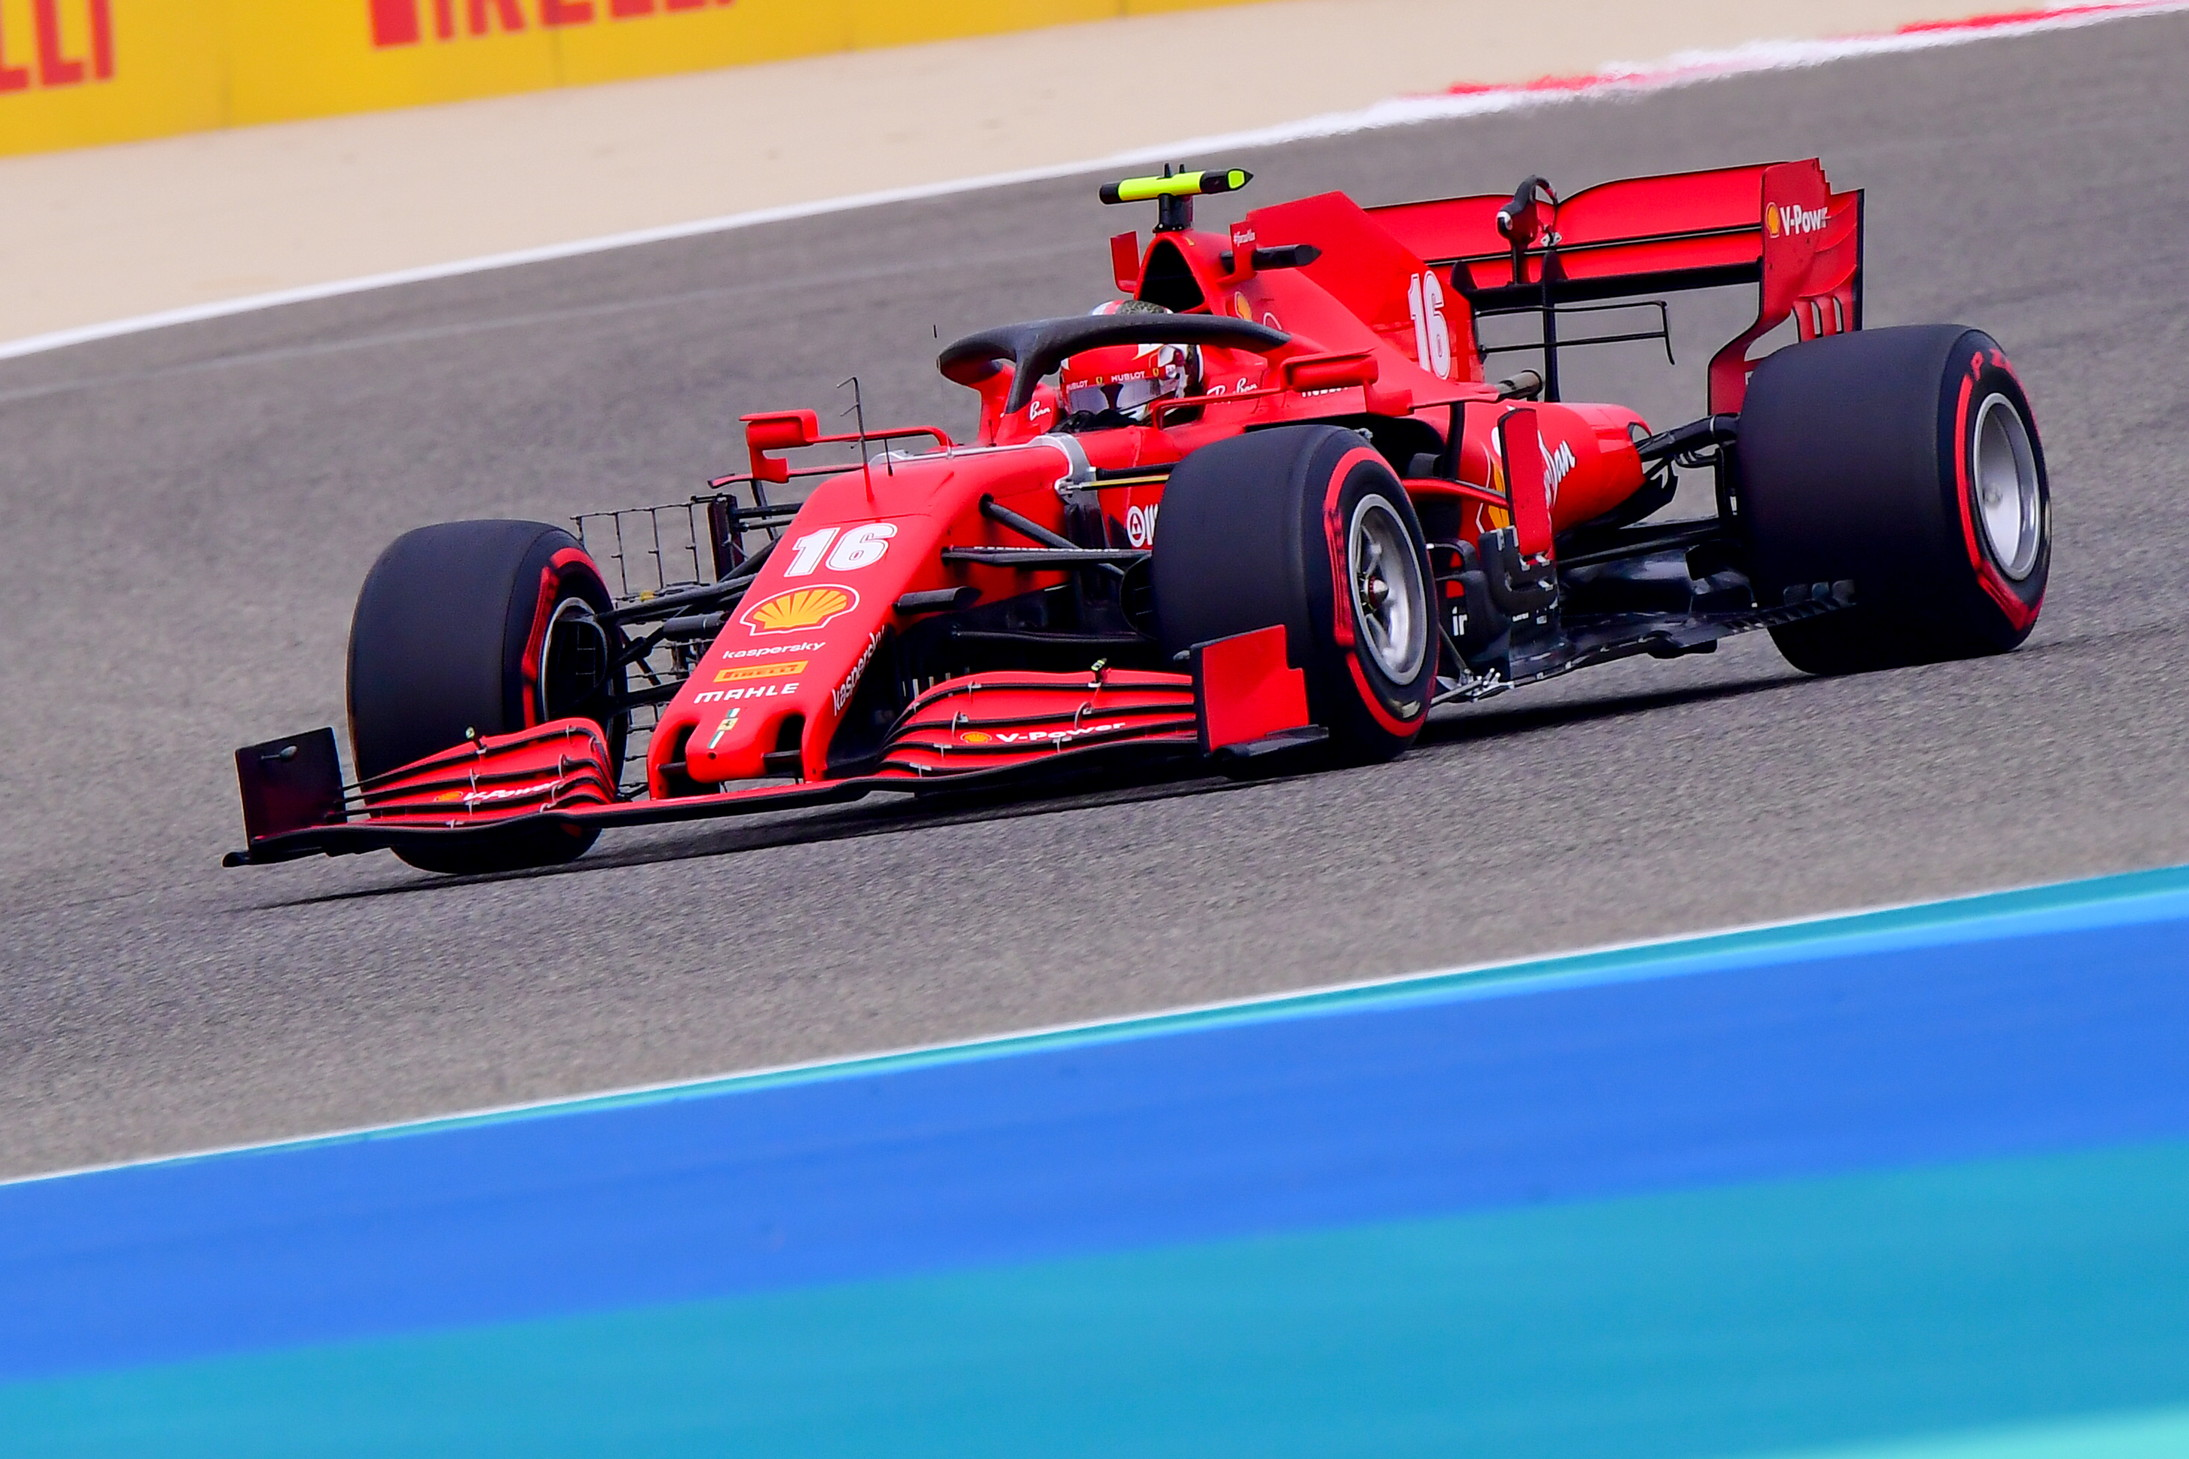 La Formula 1 torna a correre a Sakhir, terzultima tappa del Mondiale 2020. Hamilton e colleghi correranno nuovamente a Sakhir la prossima settimana prima di volare ad Abu Dhabi in vista dell&#39;ultimo capitolo stagionale.<br /><br />